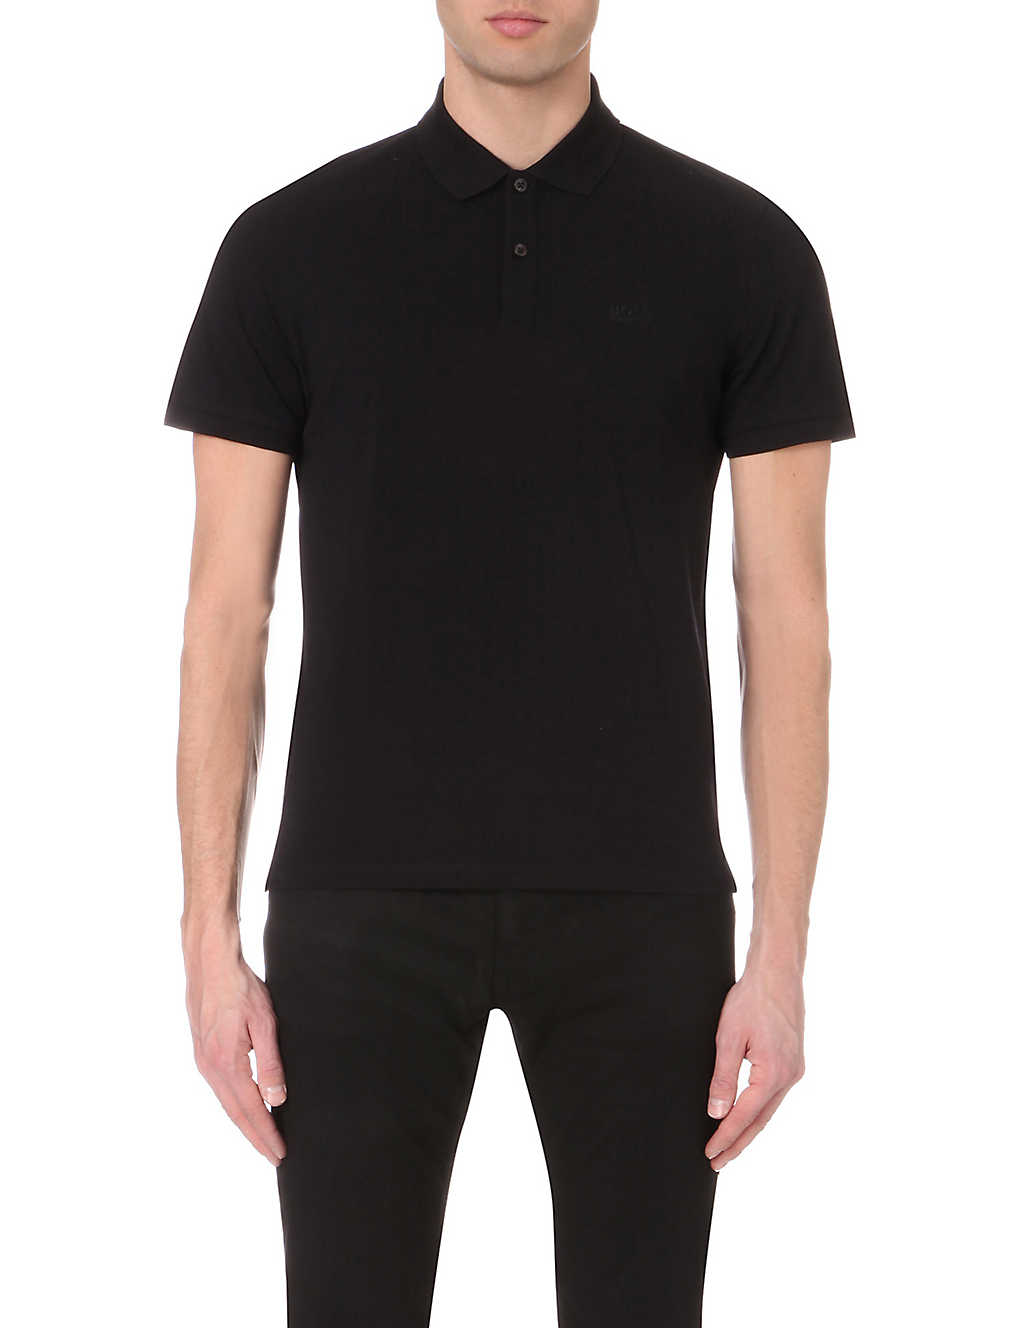 0a3e94c0 BOSS - Slim-fit cotton-piqu? polo shirt | Selfridges.com